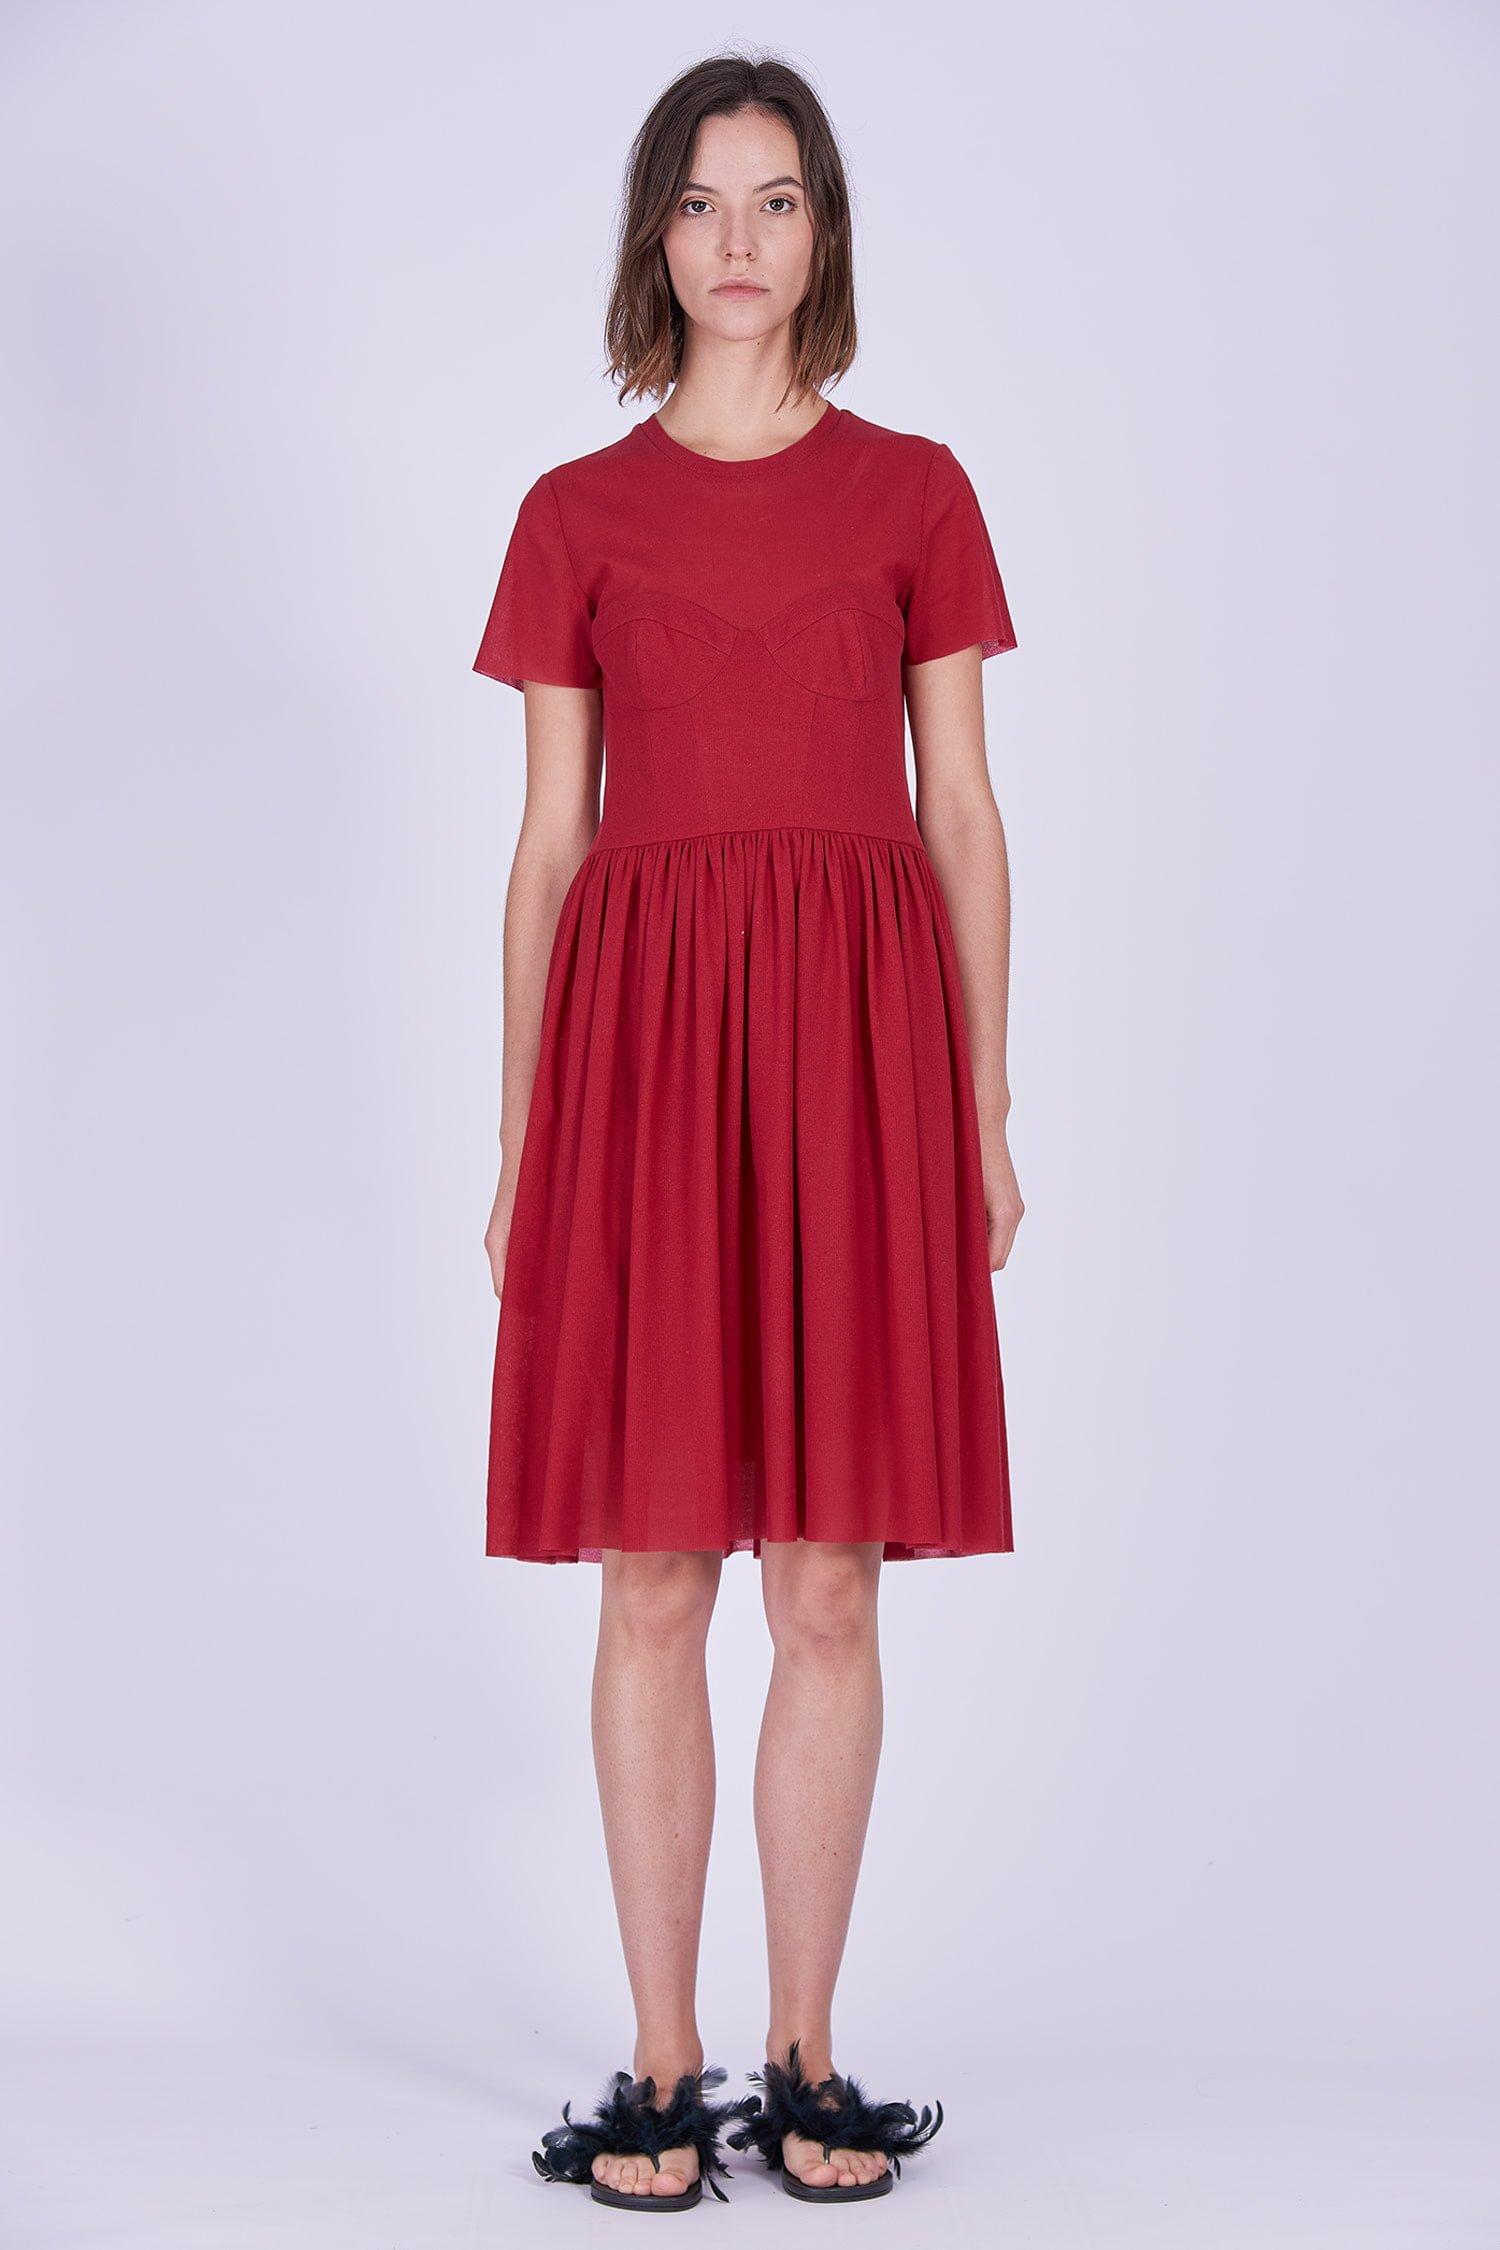 Acephala Ps2020 Red Midi Date Dress Czerwona Sukienka Wieczorowa Randka Front